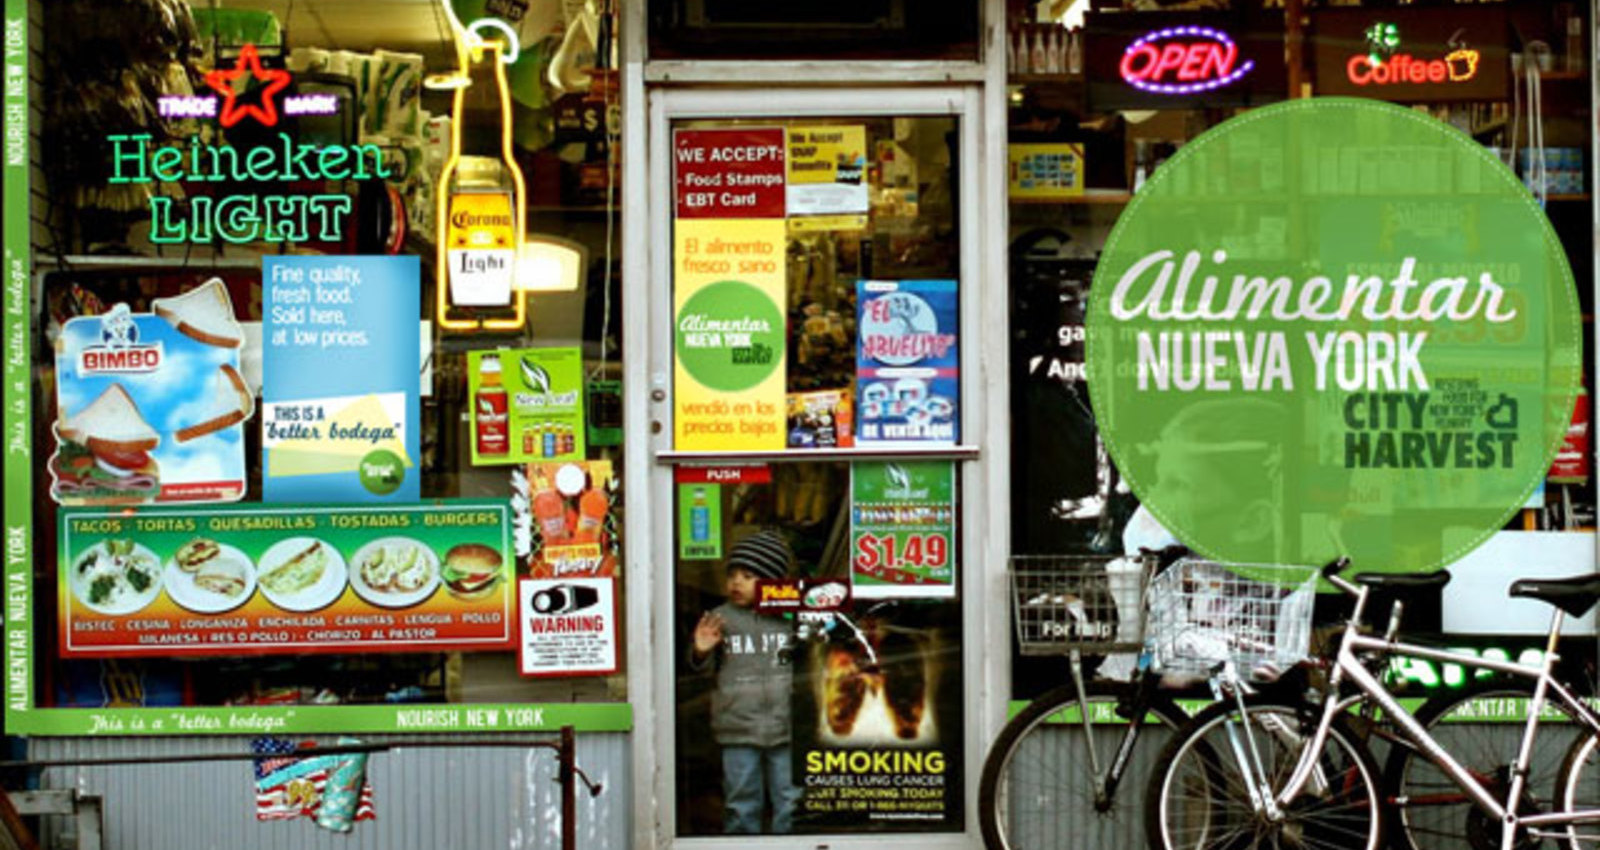 Nourish New York